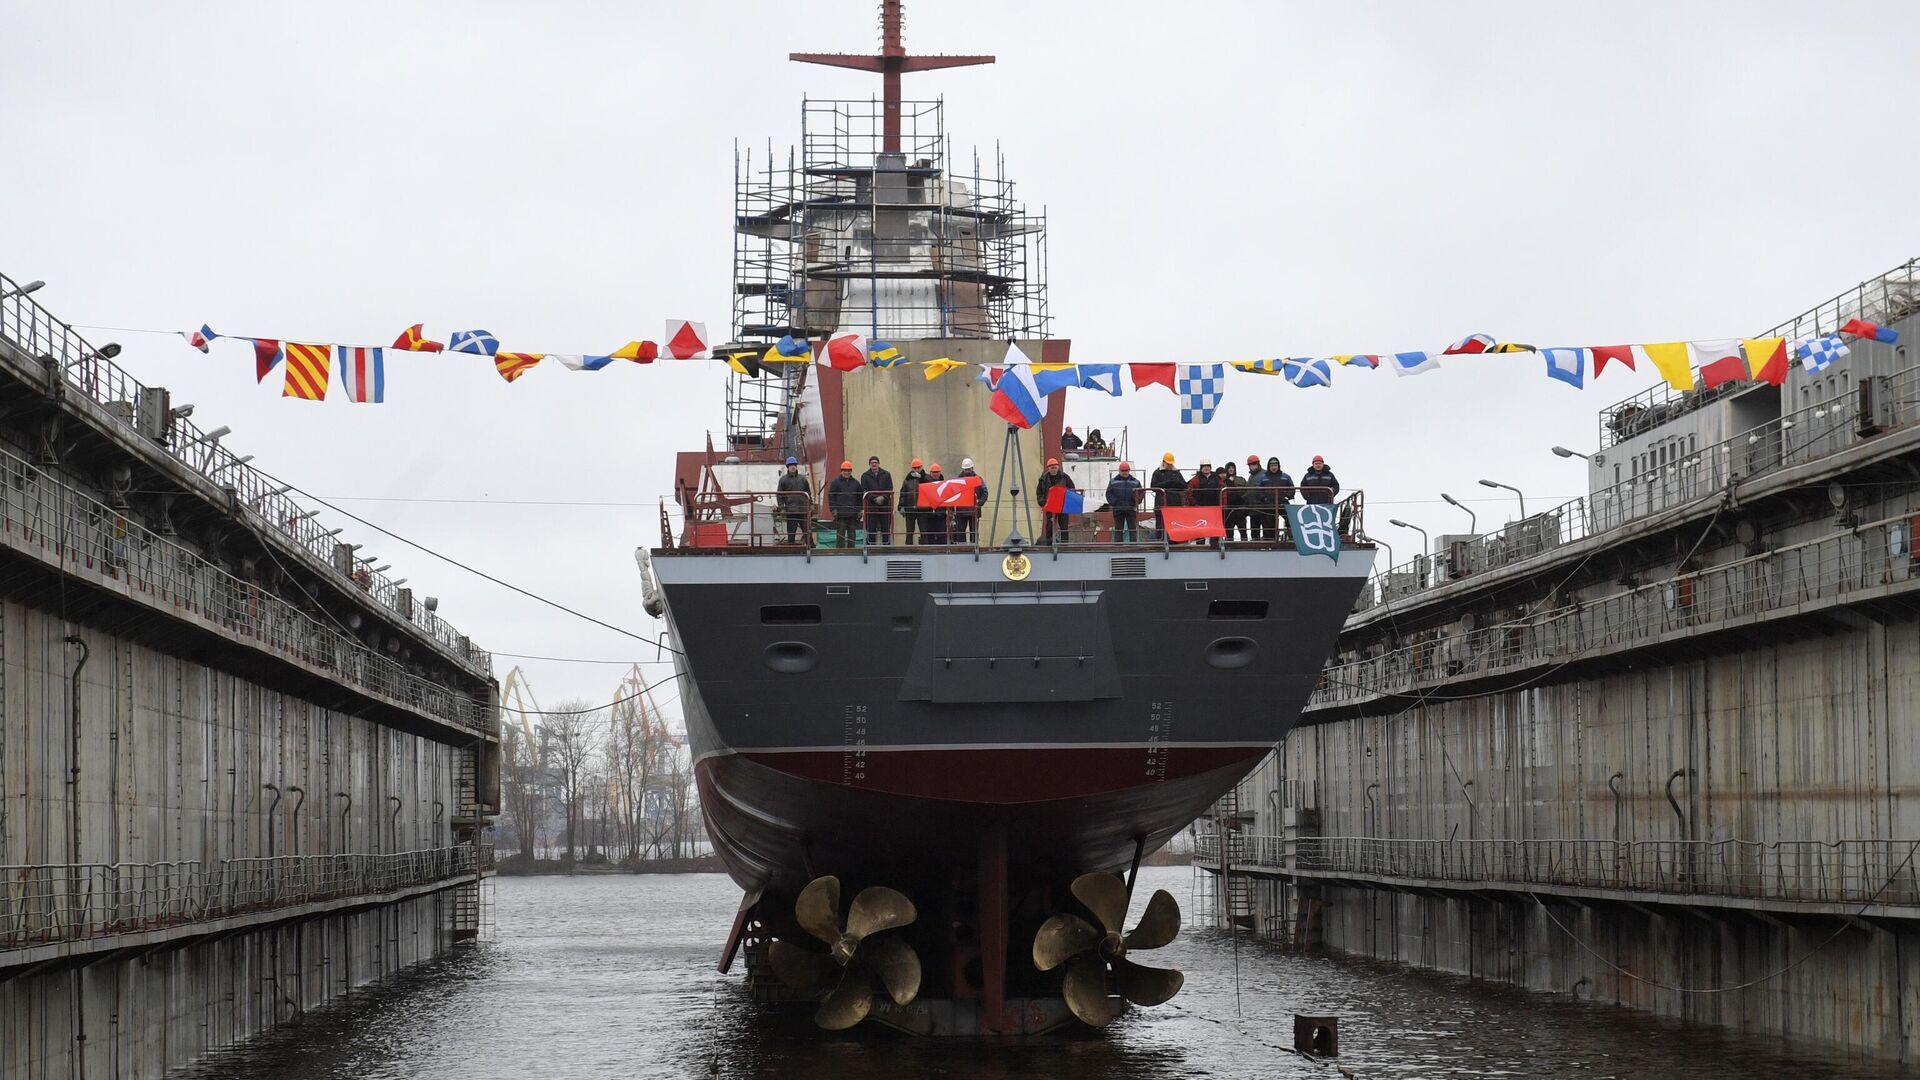 Церемония спуска на воду корвета Ретивый в Санкт-Петербурге - РИА Новости, 1920, 12.06.2020